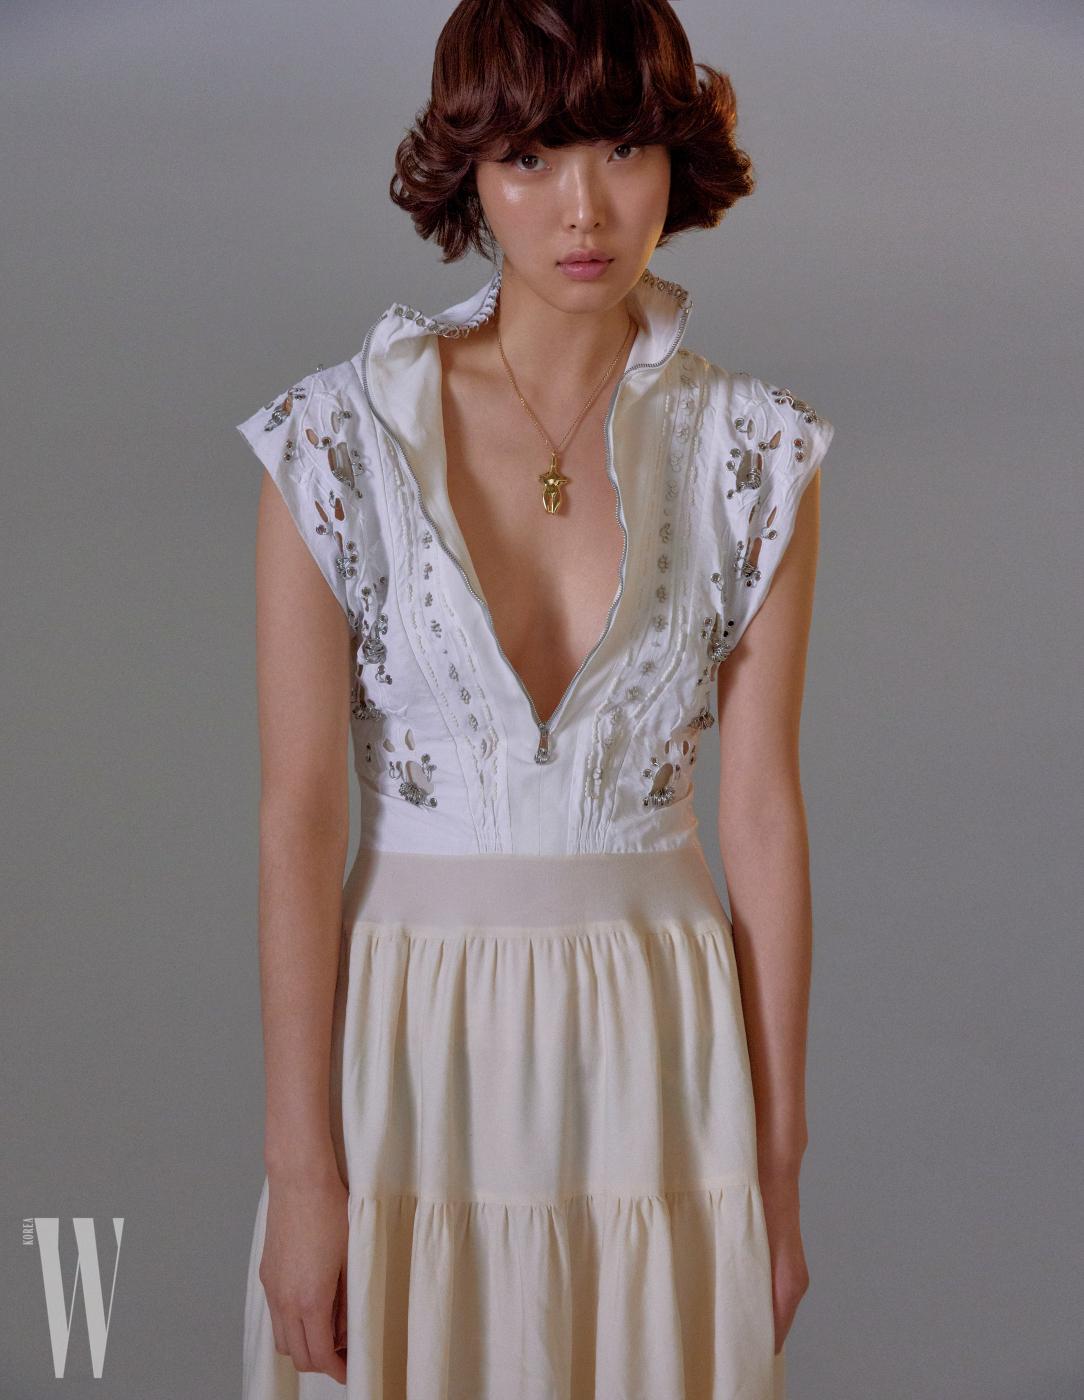 드레스, 목걸이는 모두 Chloe 제품.